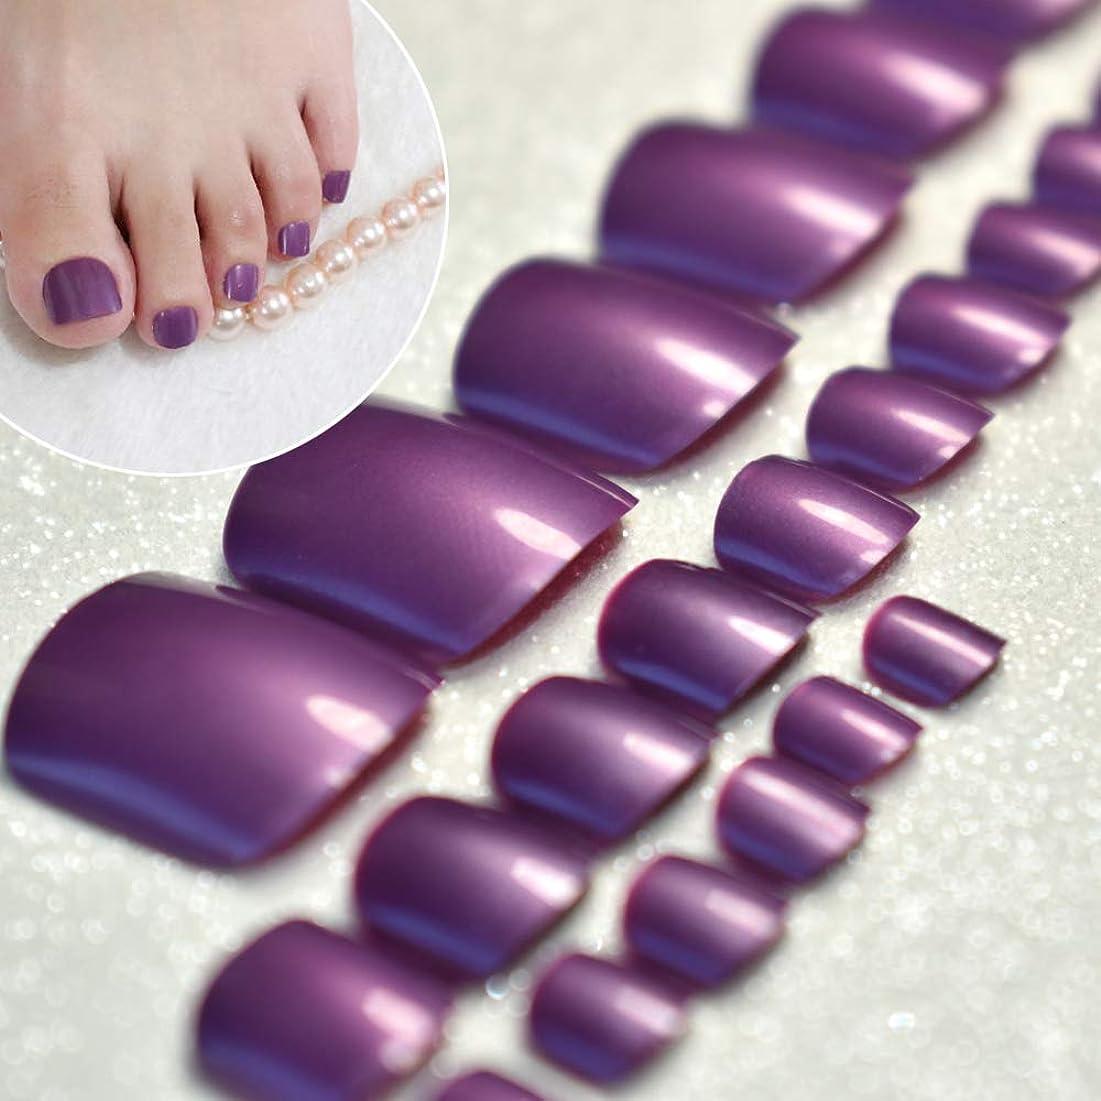 失敗ヒロイック太字XUTXZKA 足の爪のためのきらめく光沢のあるグレープパープルネイルのヒント足のためのお菓子祭りの偽の足指24本